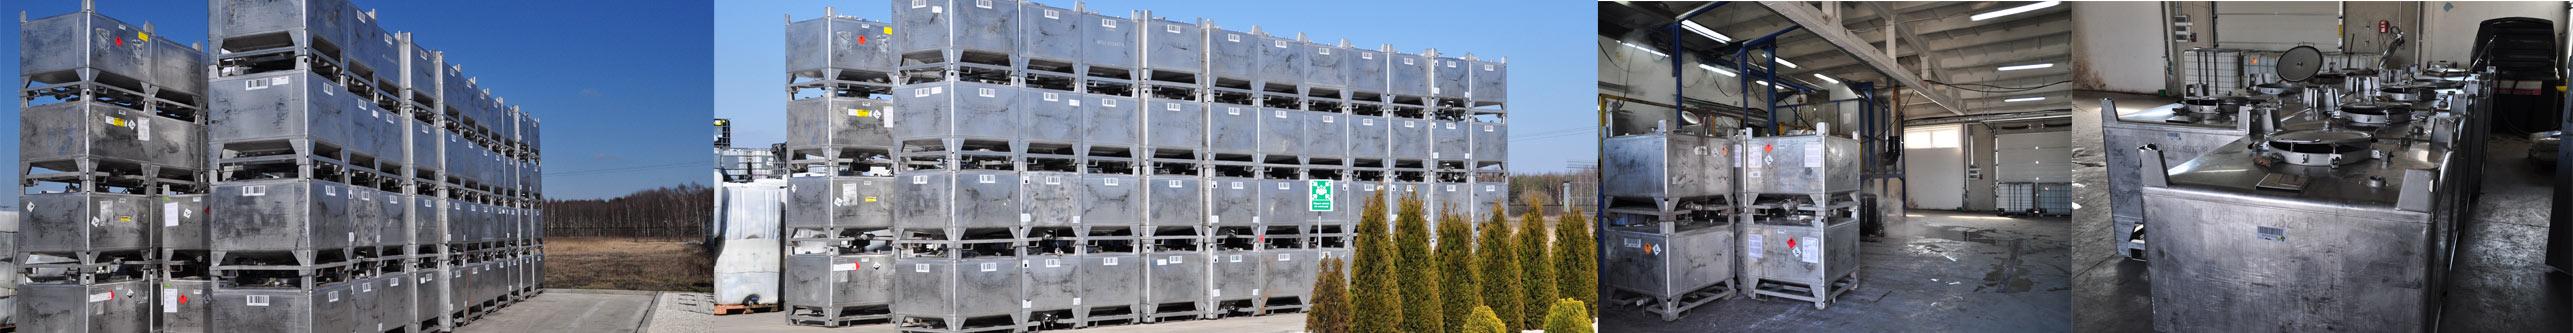 Składowanie zbiorników stalowych i ich regeneracja